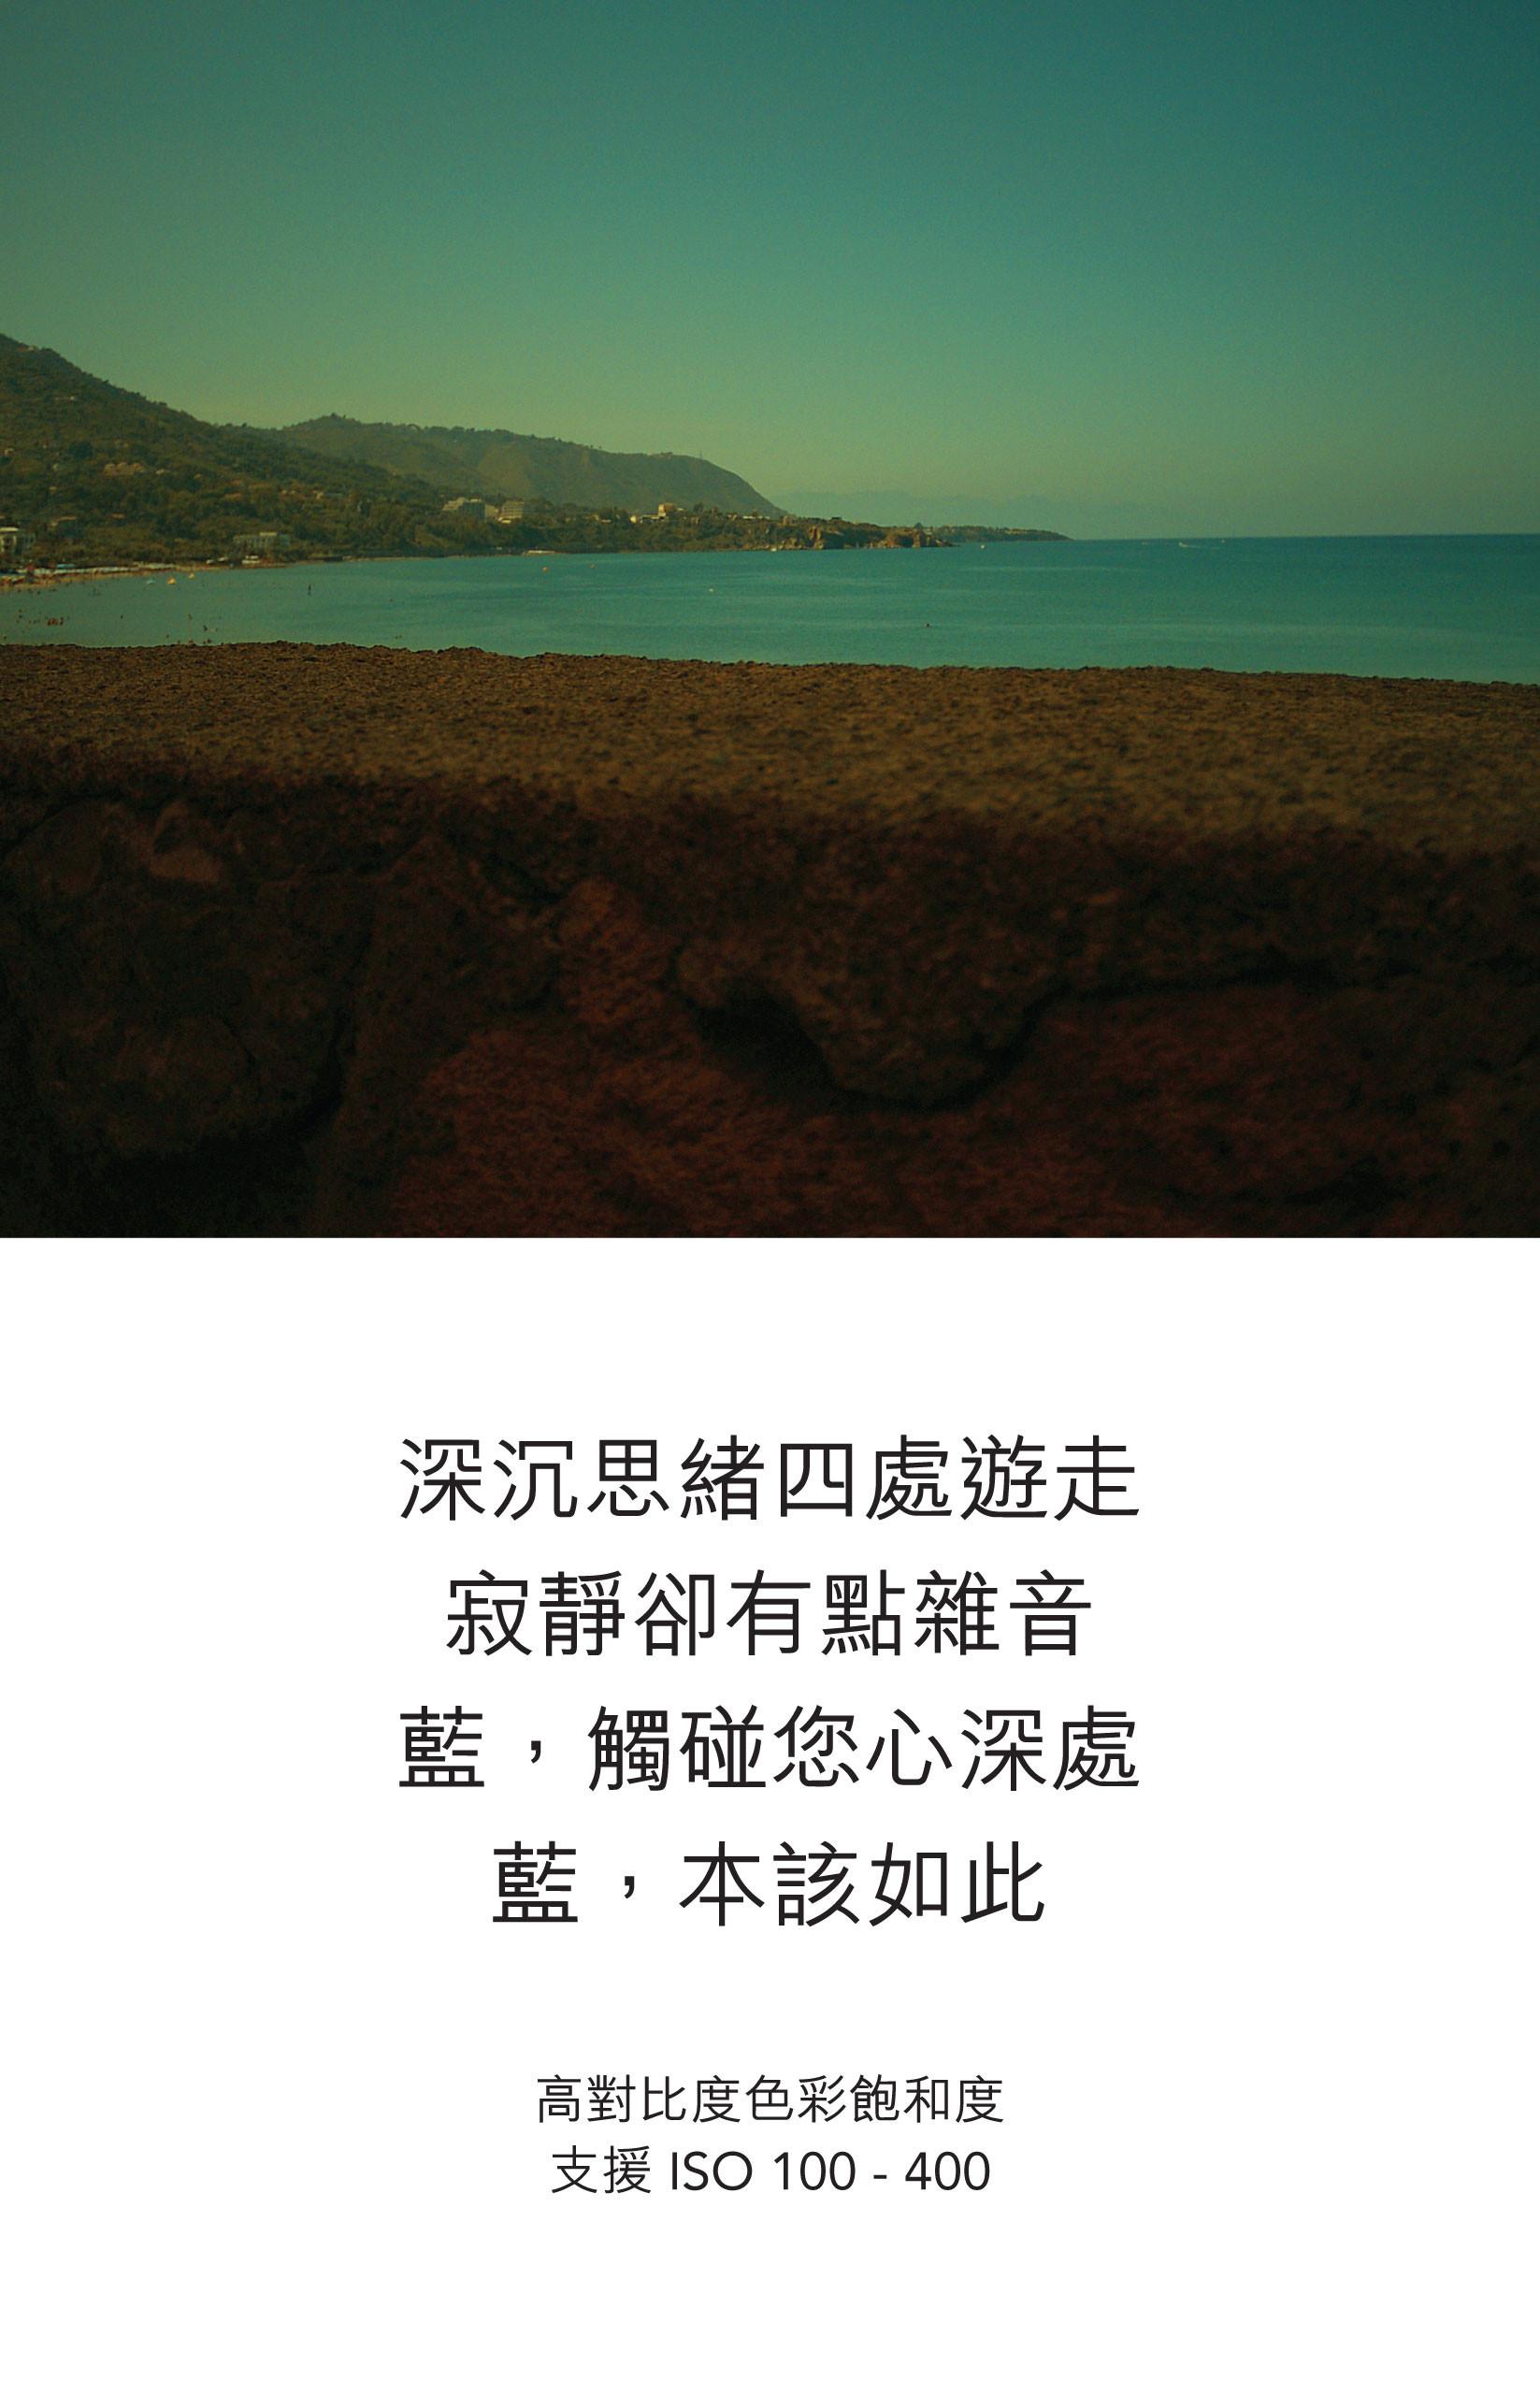 JD-Y35-HK_part-1-18.jpg